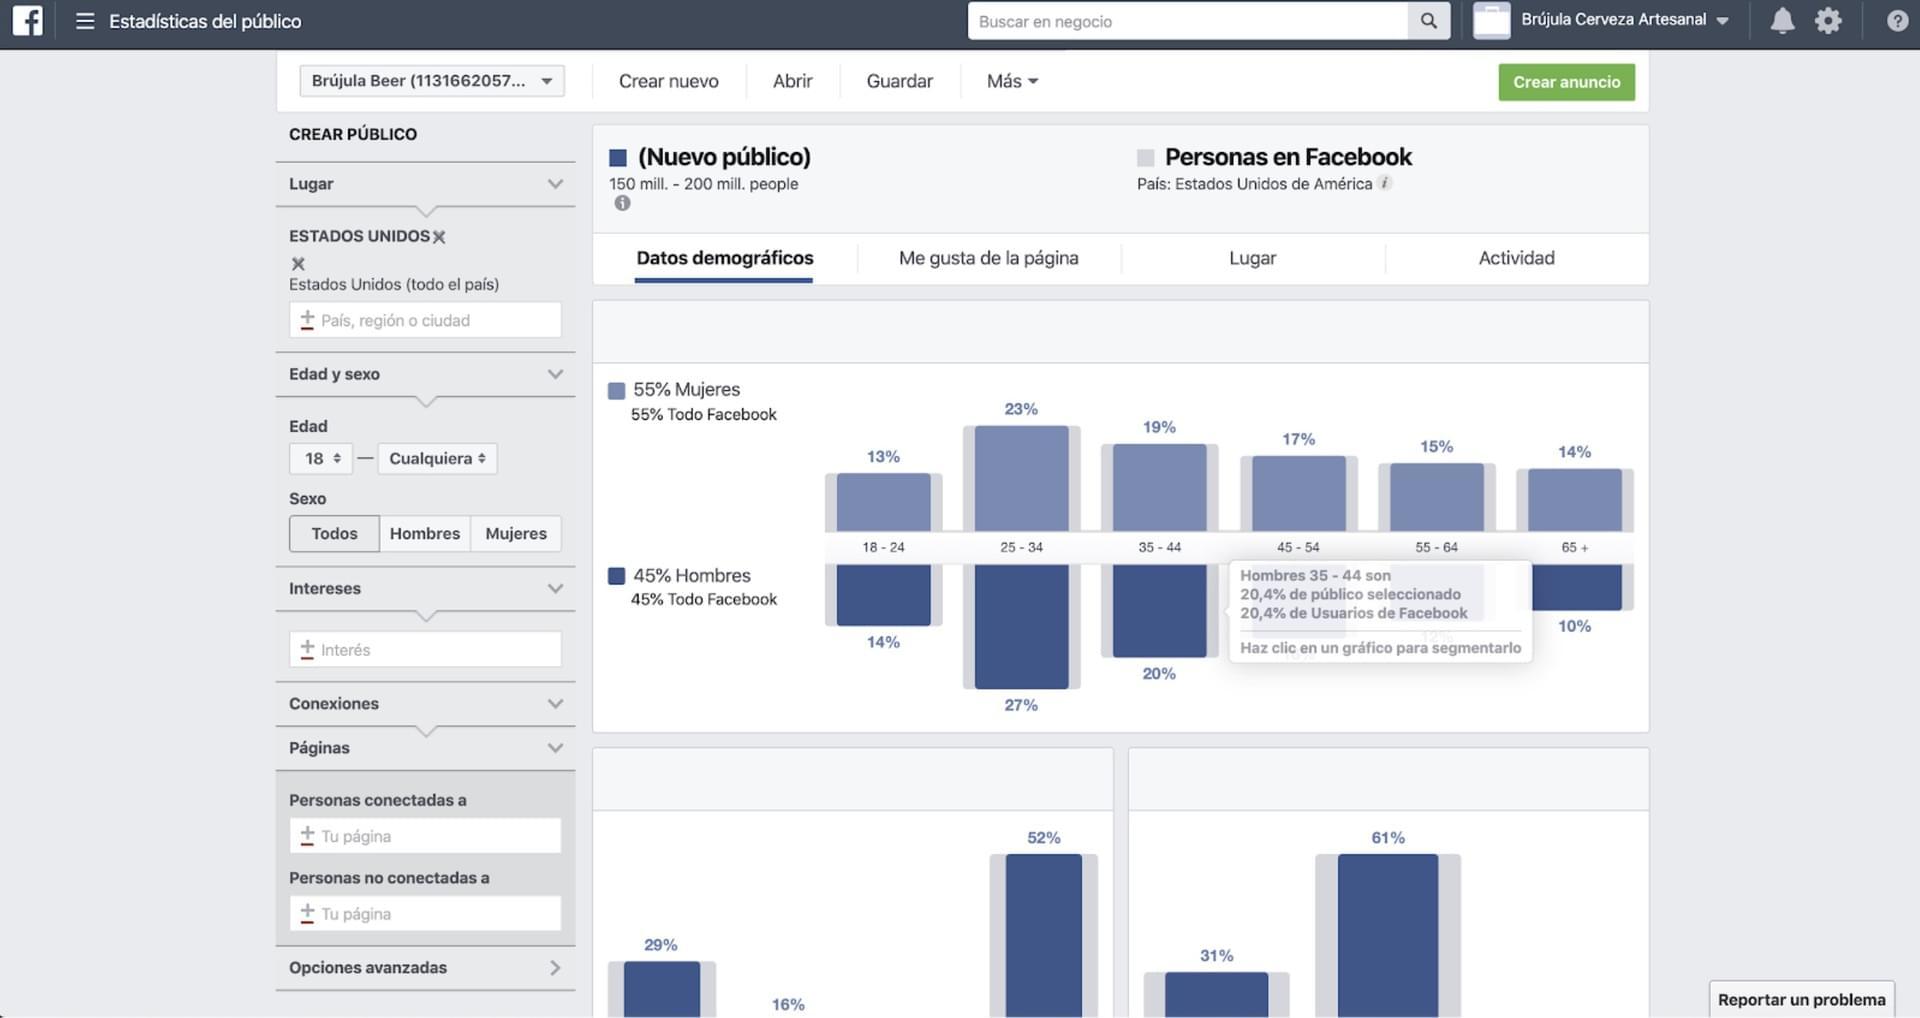 Facebook Business - Estadísticas del público